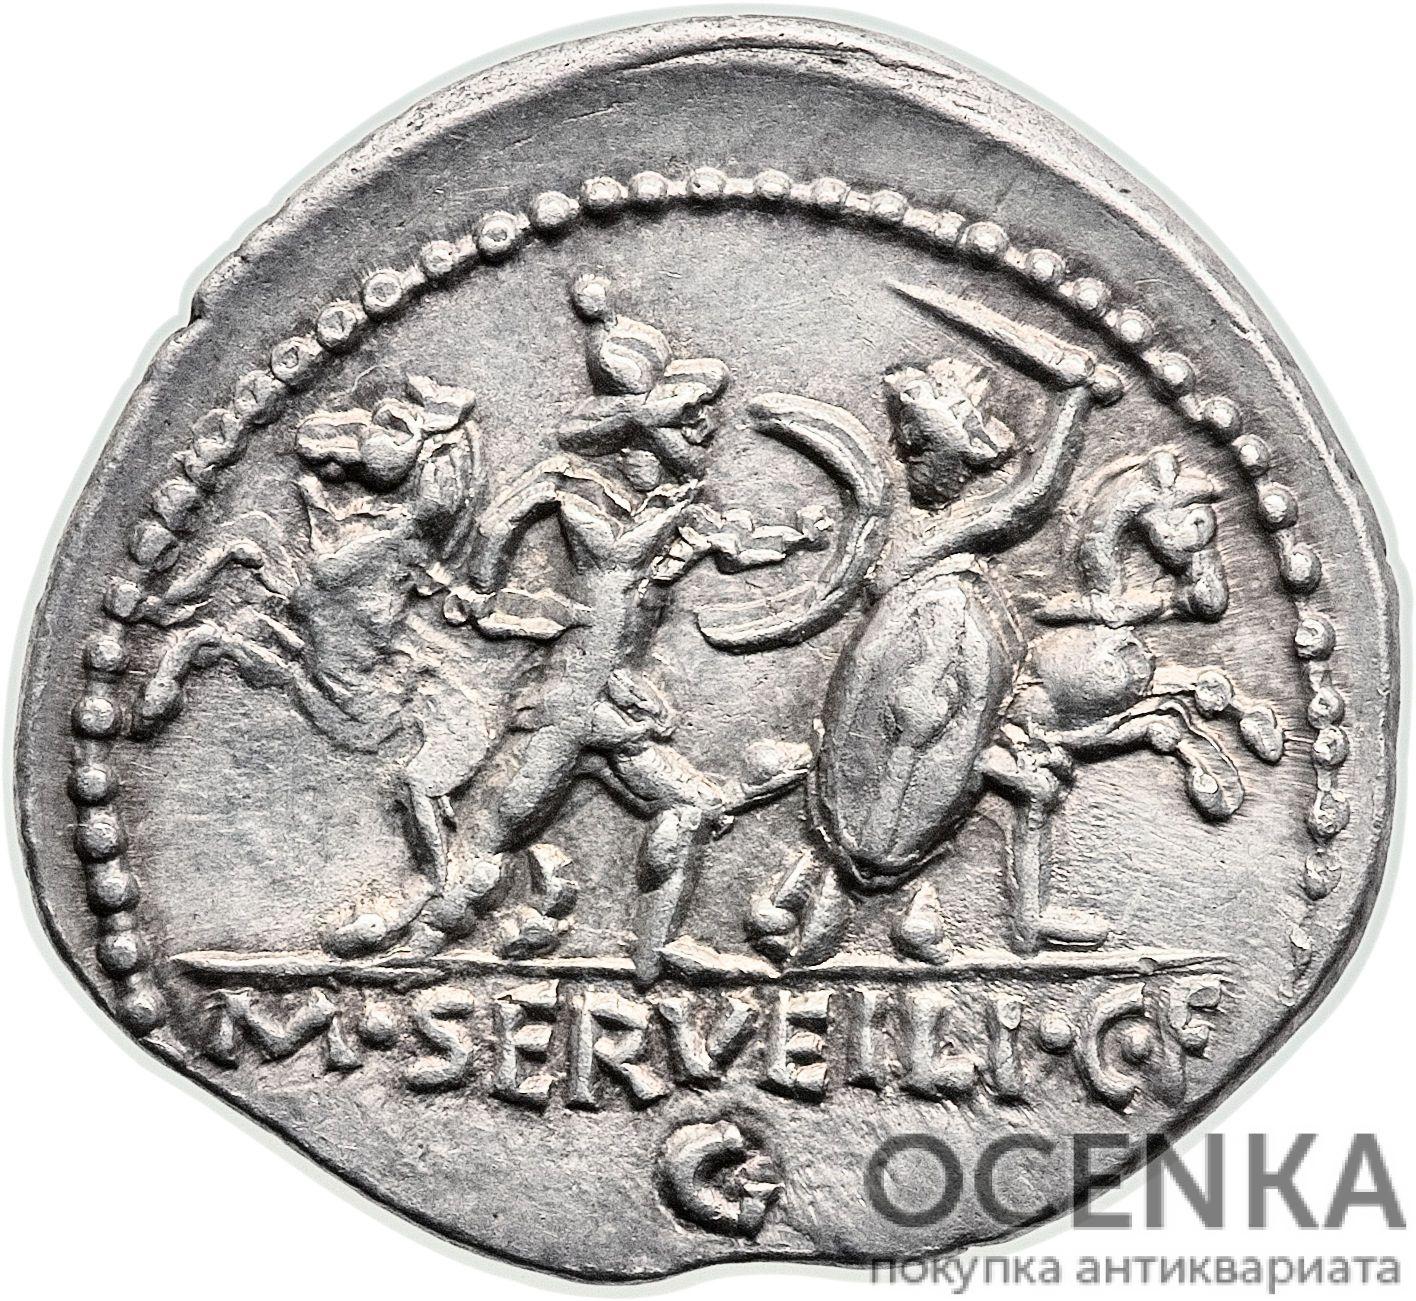 Серебряный Республиканский Денарий Марка Сервилия Нониана, 100 год до н.э. - 1